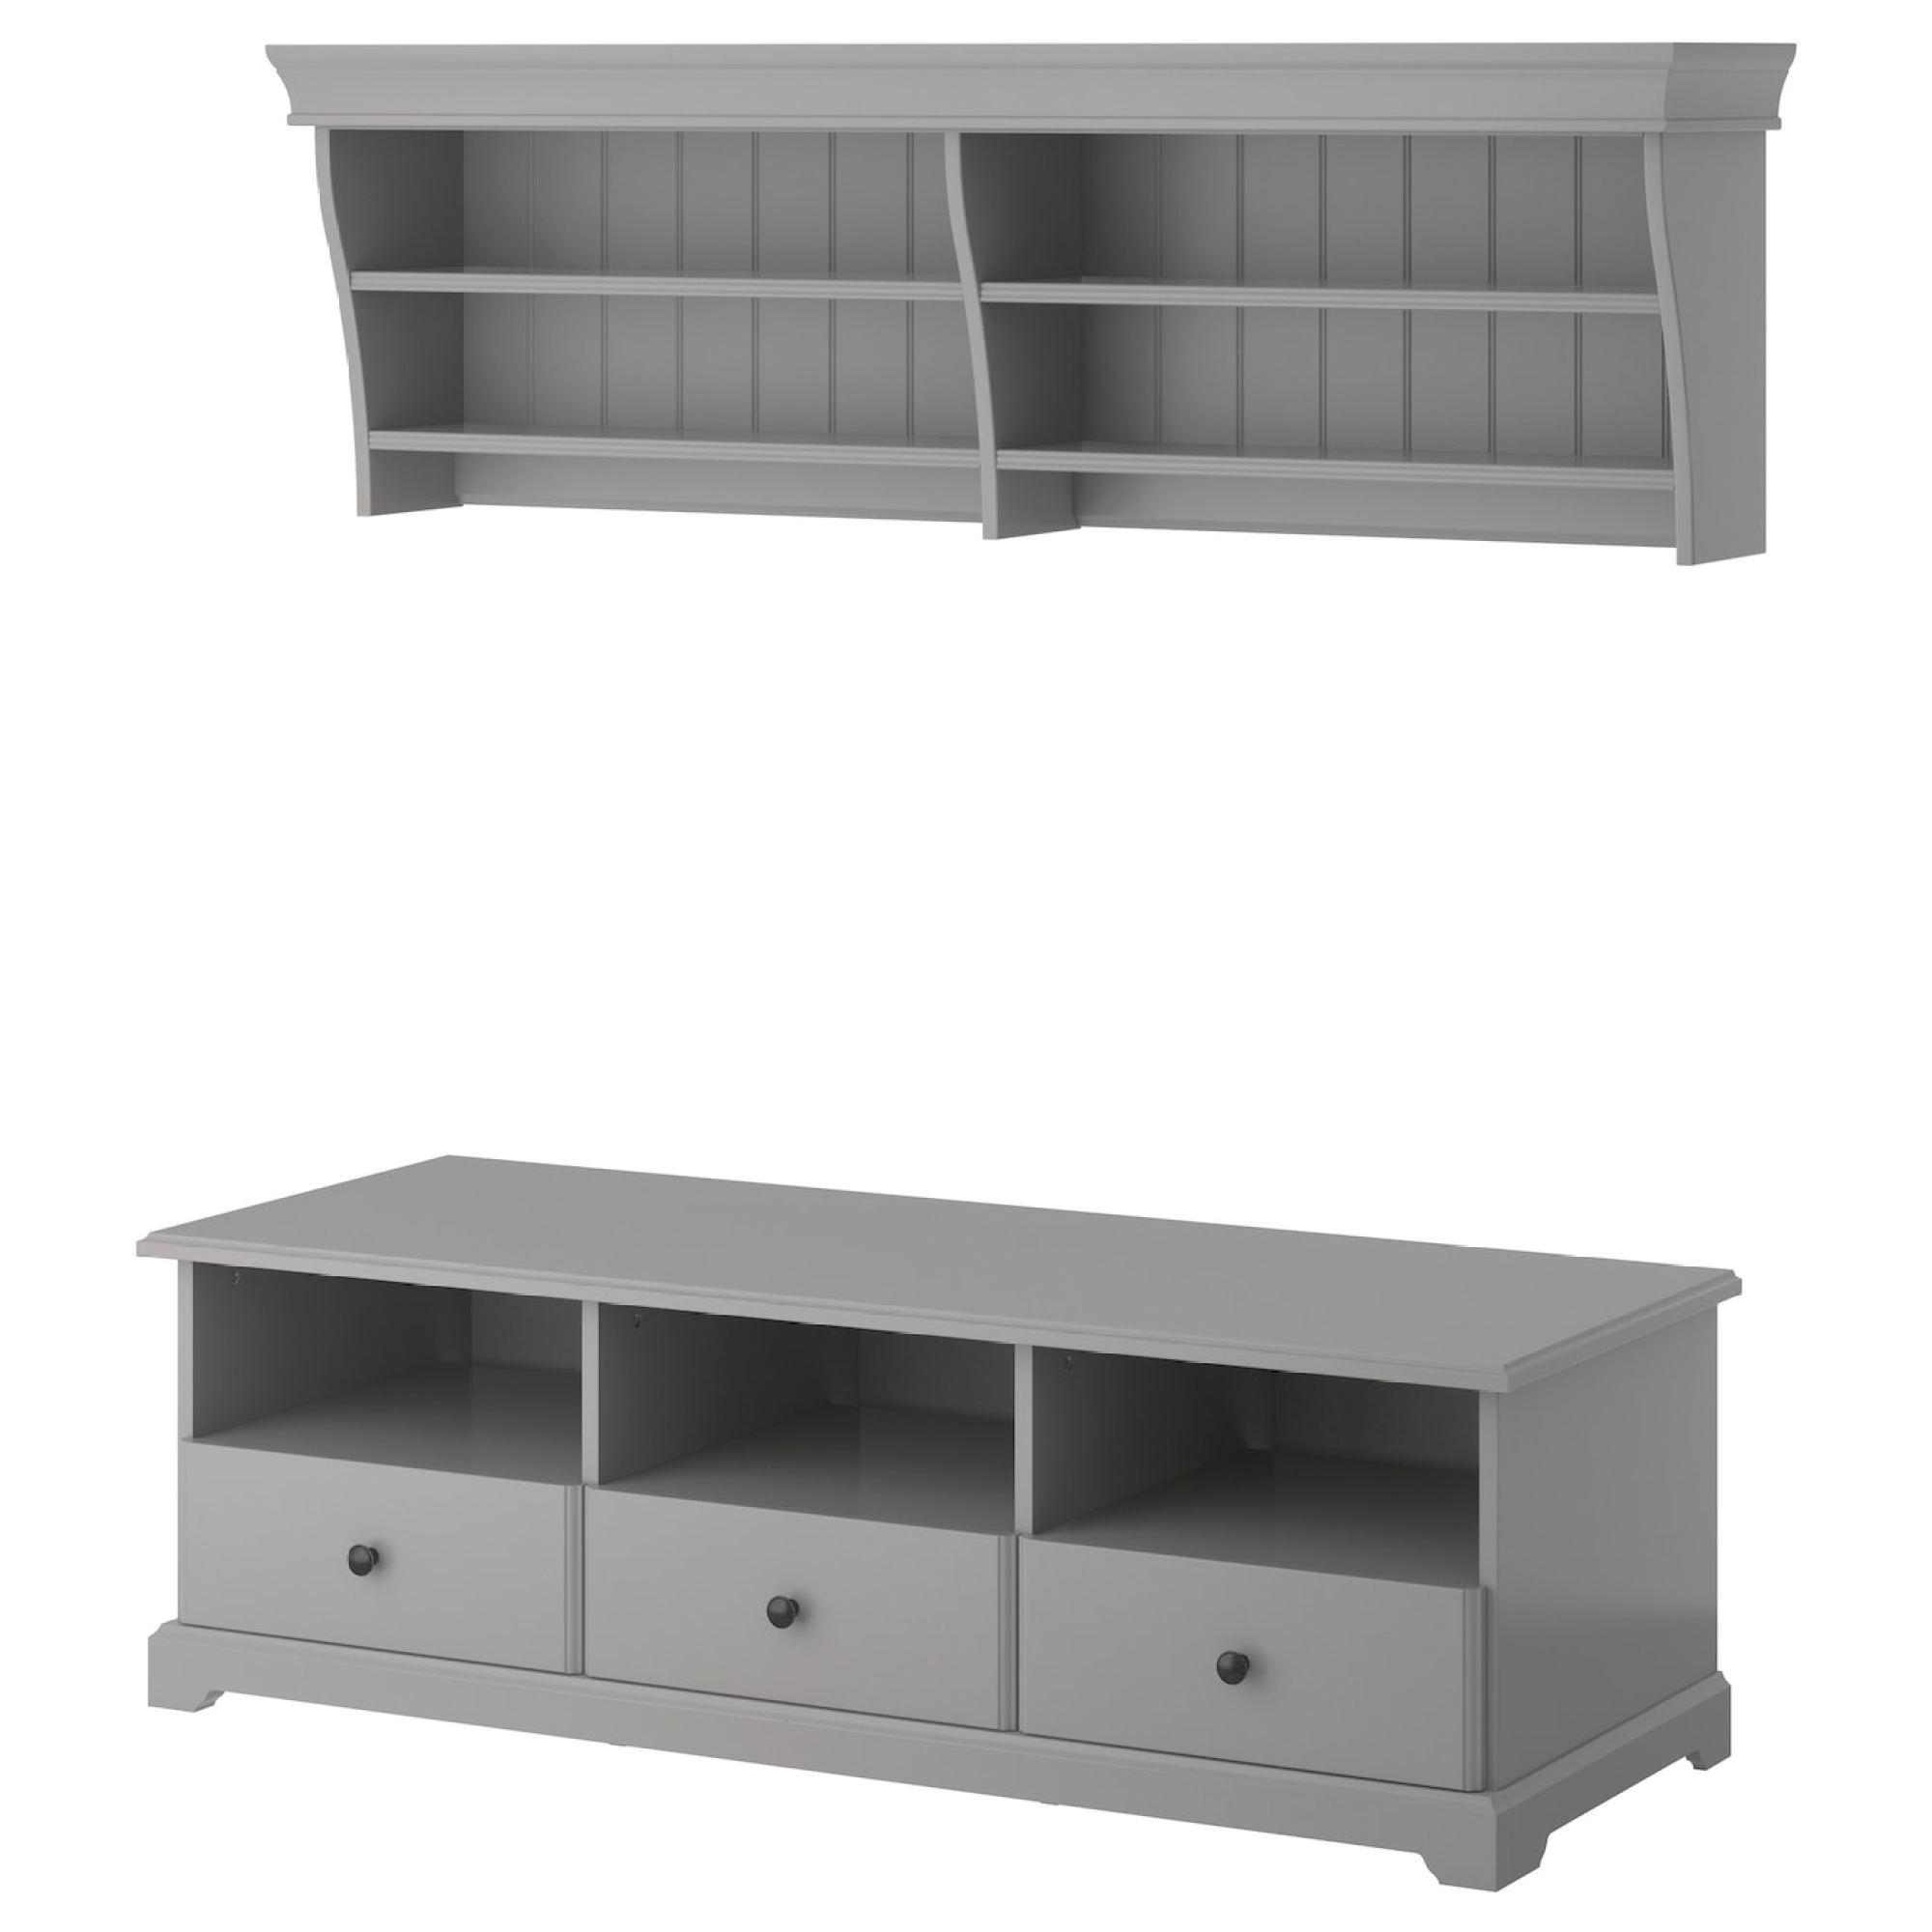 Full Size of Betten Bei Ikea Küche Kosten Miniküche Sofa Mit Schlaffunktion Modulküche 160x200 Kaufen Wohnzimmer Küchenwagen Ikea